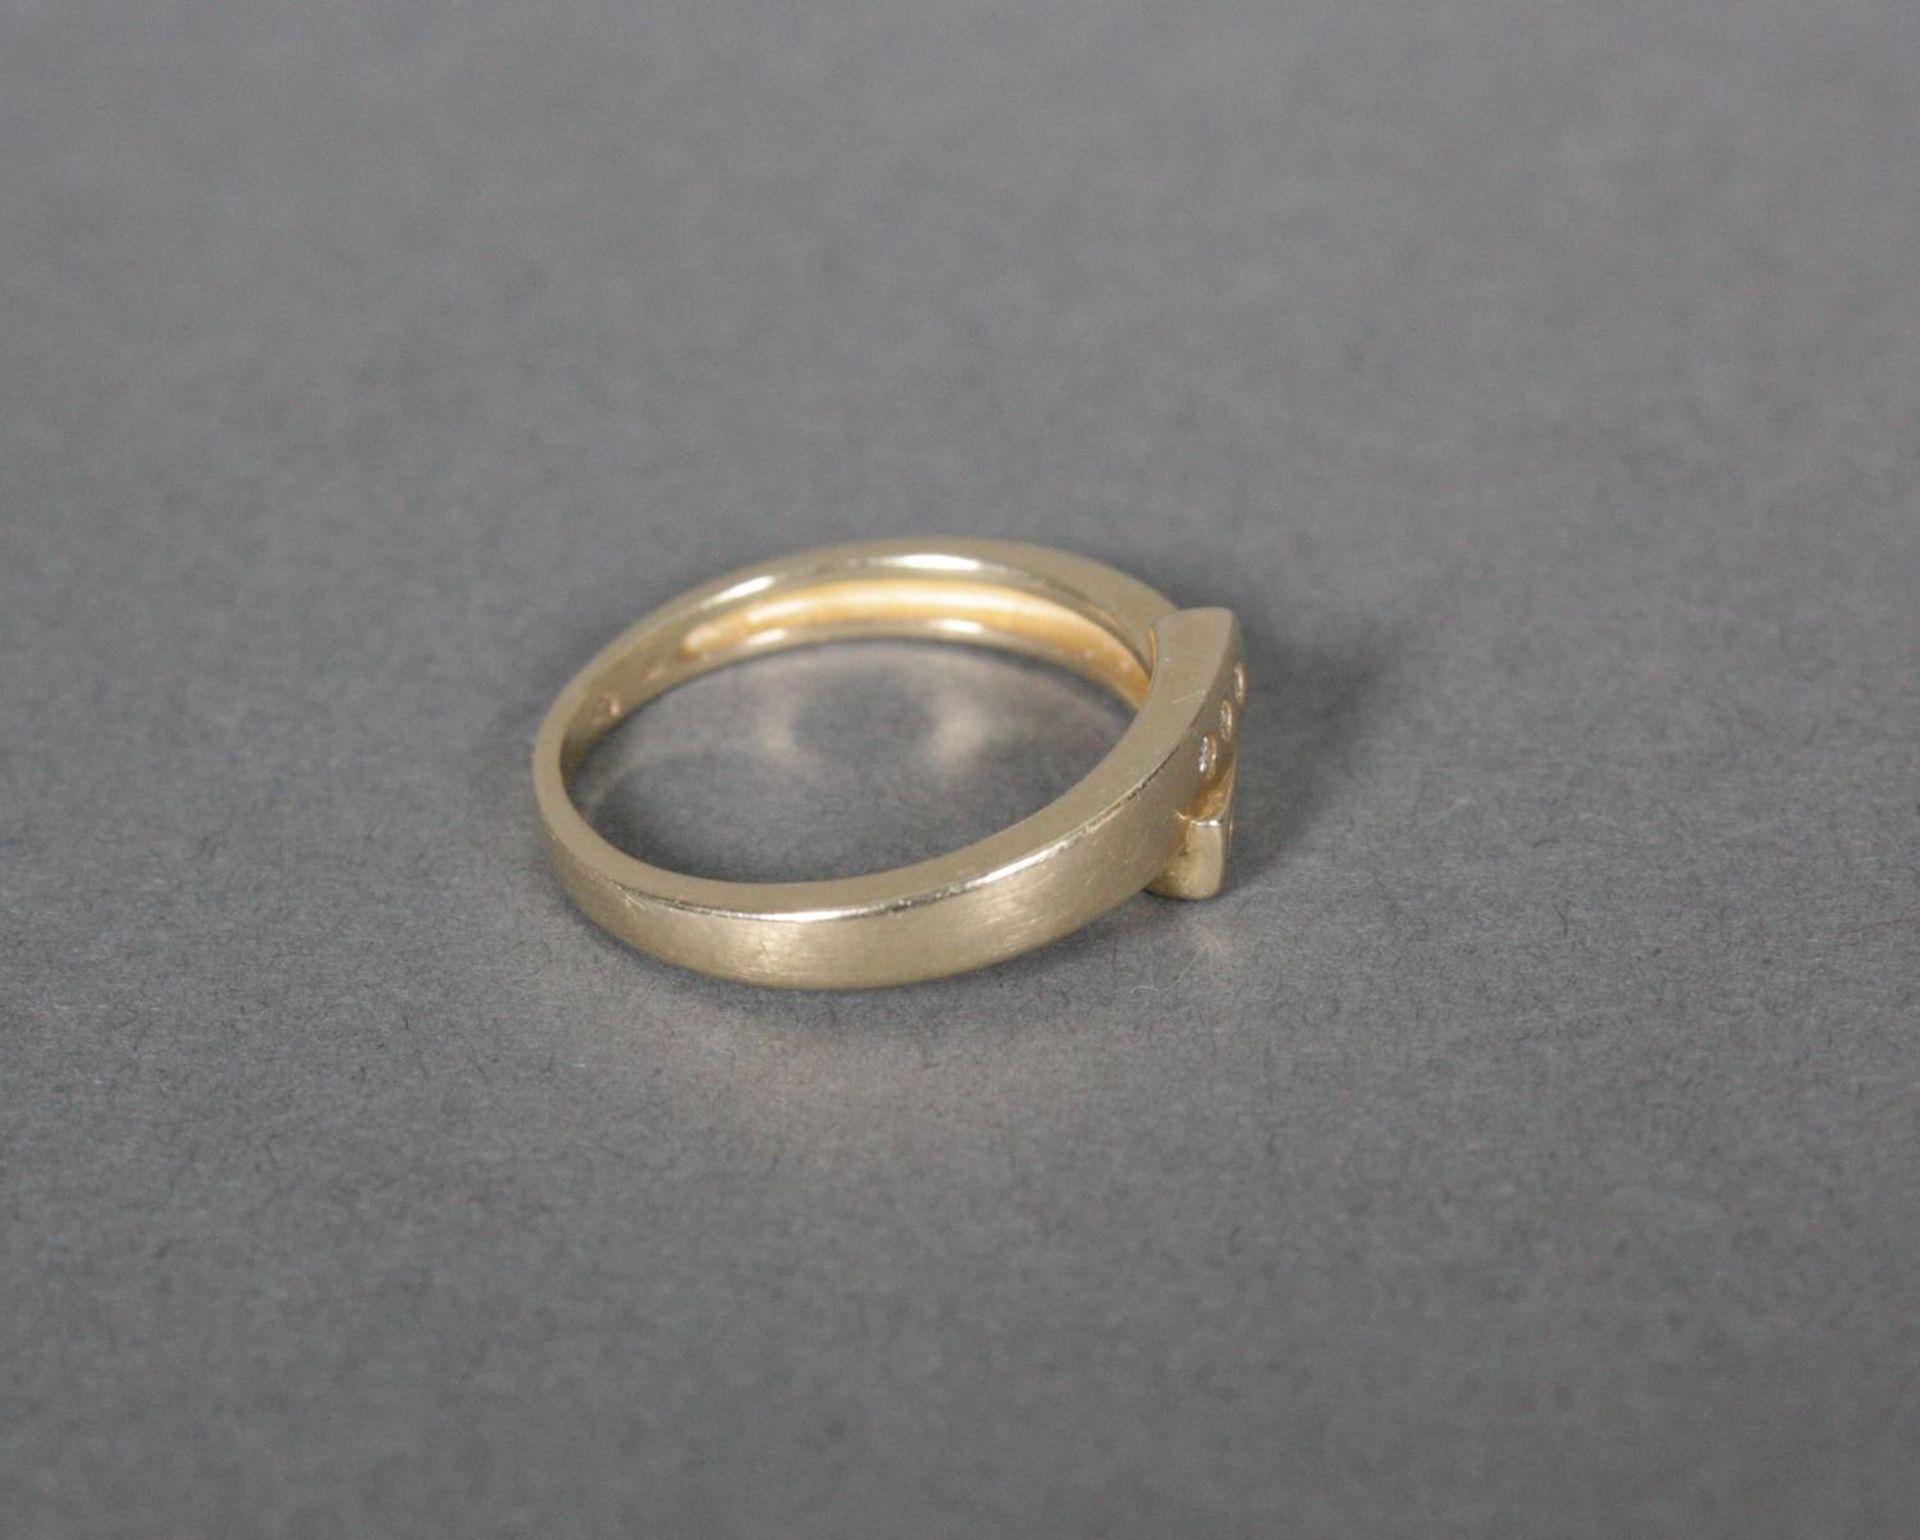 Damenring mit Diamanten, 14 Karat Gelbgold - Bild 3 aus 4